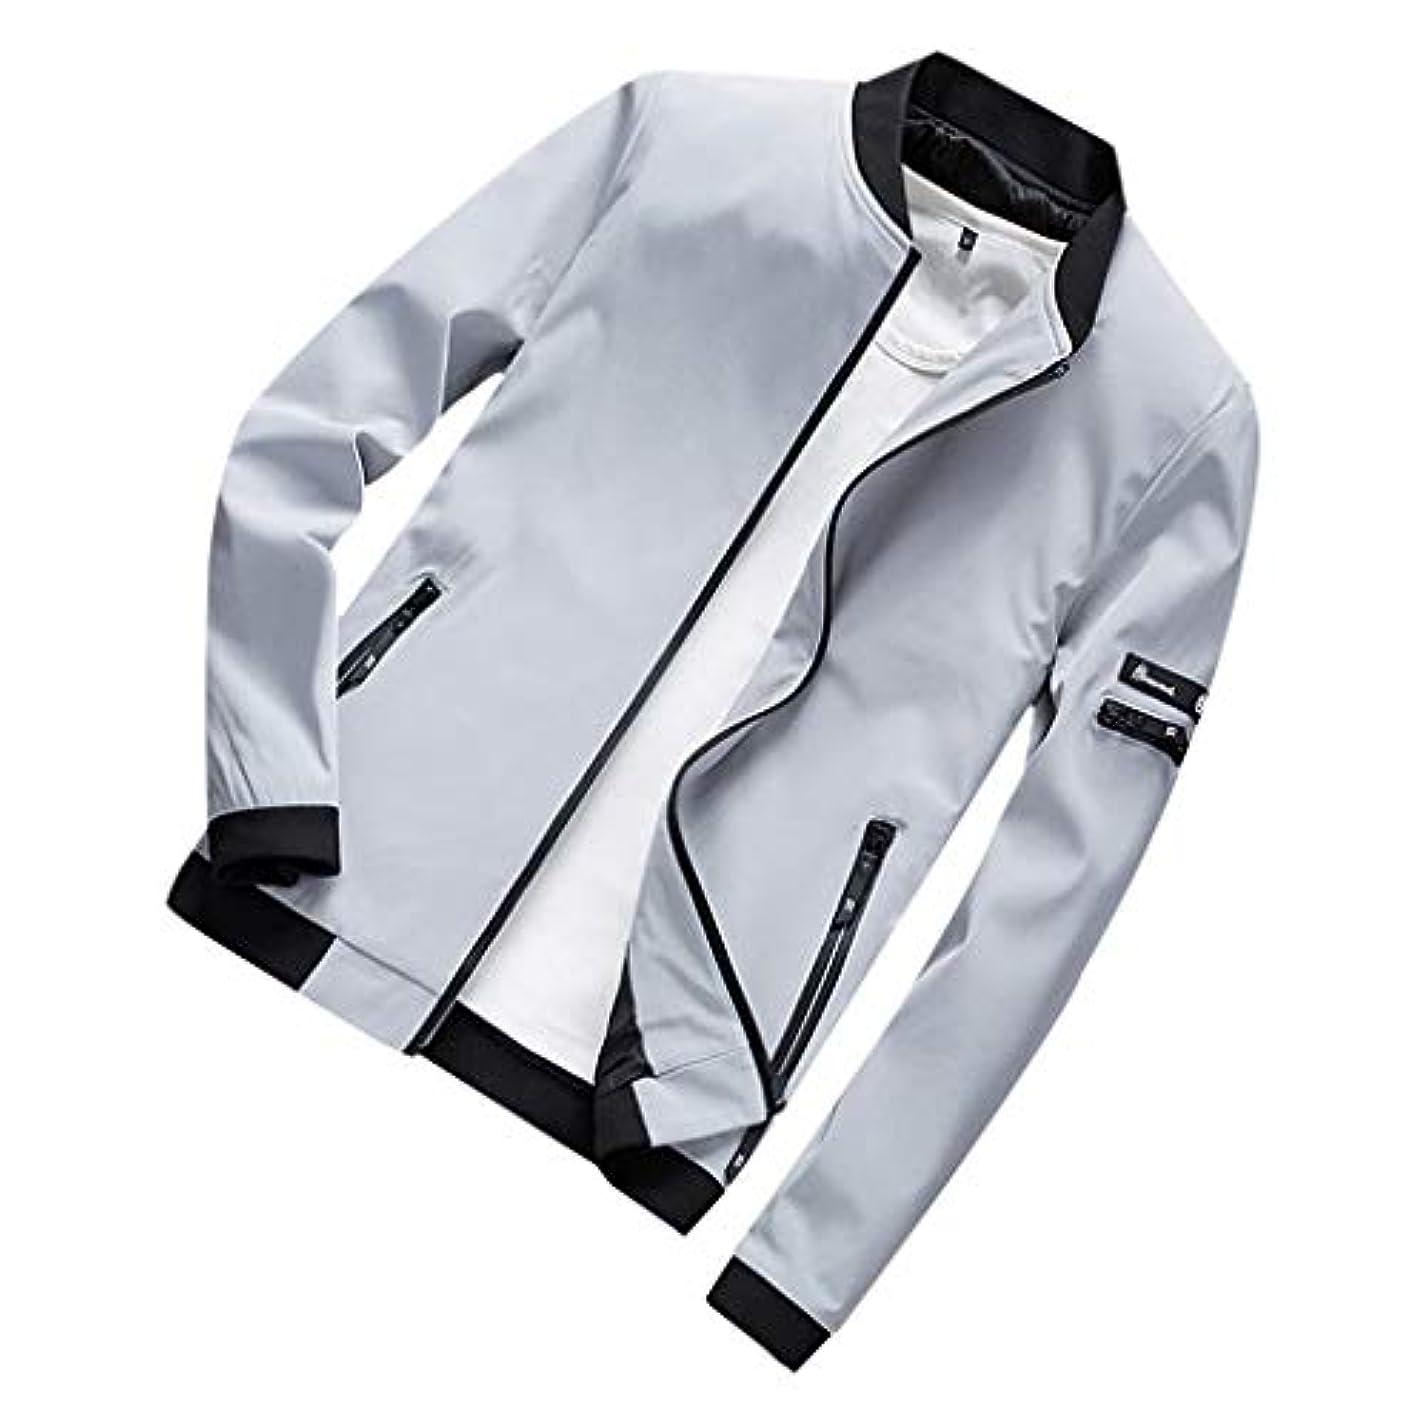 ホール資本主義敏感なジャケット メンズ コート ブルゾン 秋 冬 防水 無地 カジュアル 綿 大きいサイズ アウター 黒 ストレッチ ビジネスシャツ 細身 ジャケット